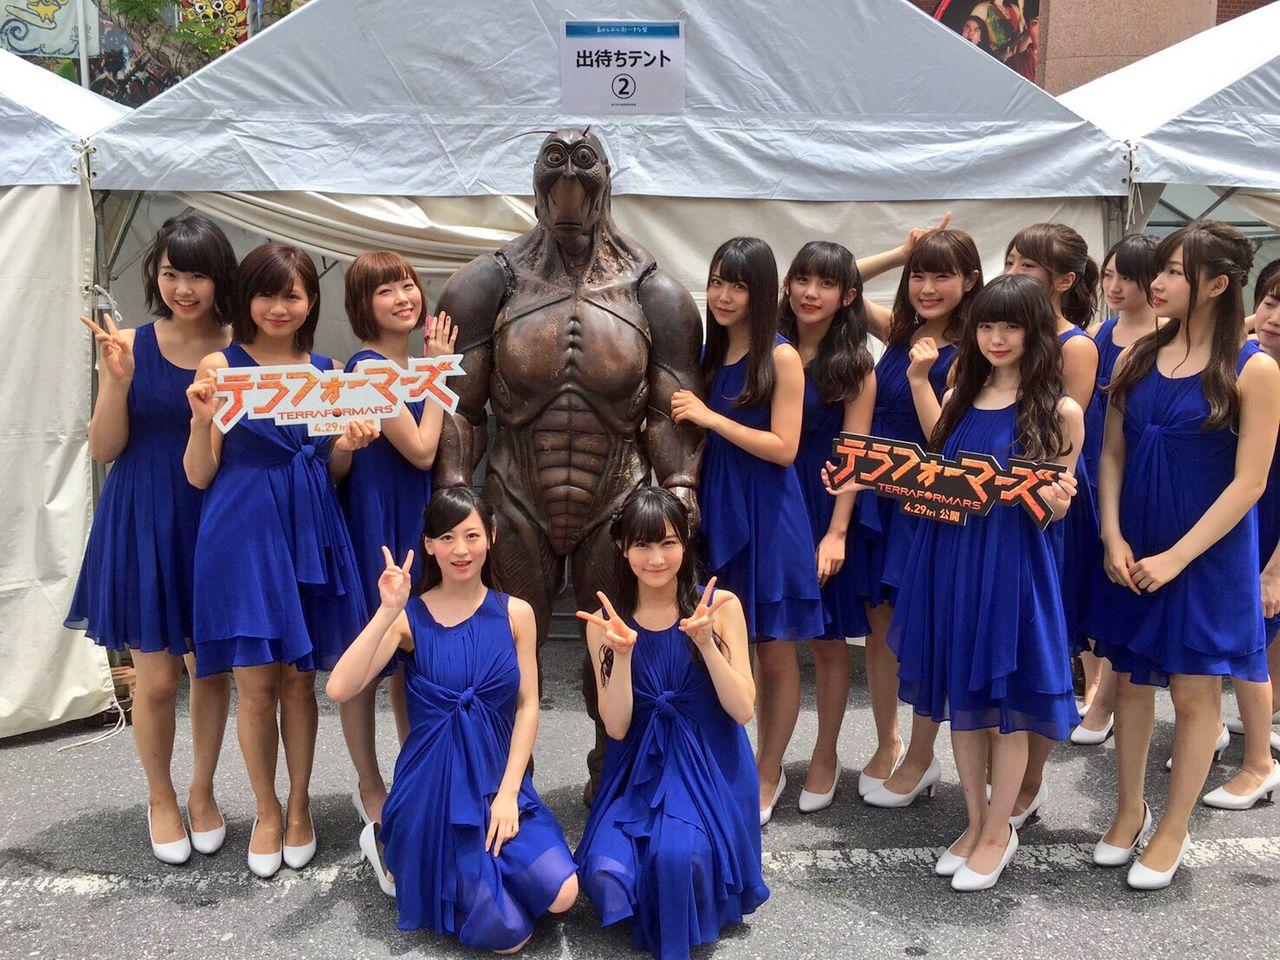 【沖縄国際映画祭2017】NMB48の出演ソースキタ━━━━(゚∀゚)━━━━!!